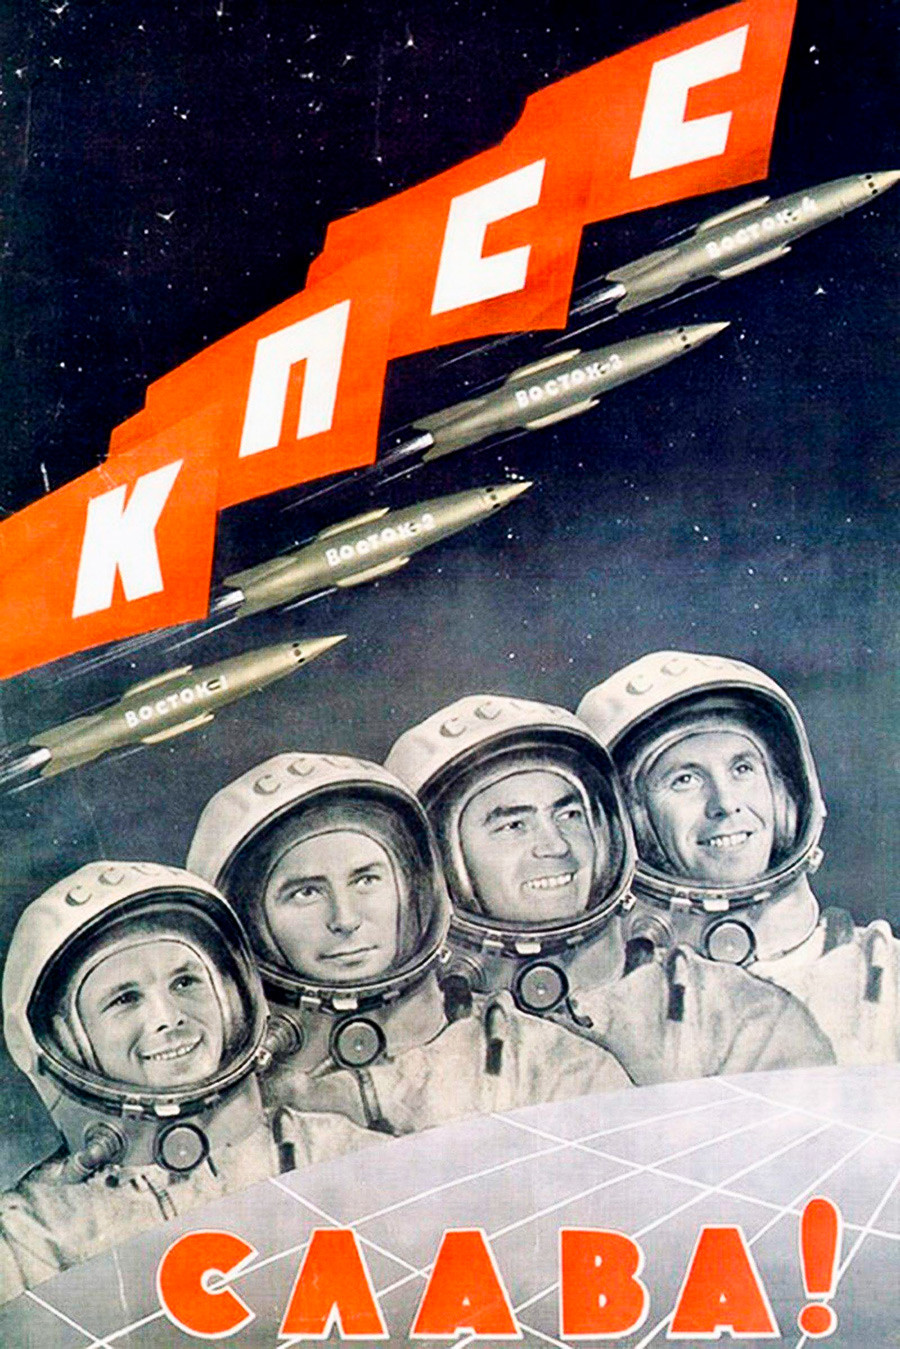 «Gloire au KPSS [Parti communiste d'Union soviétique]!»